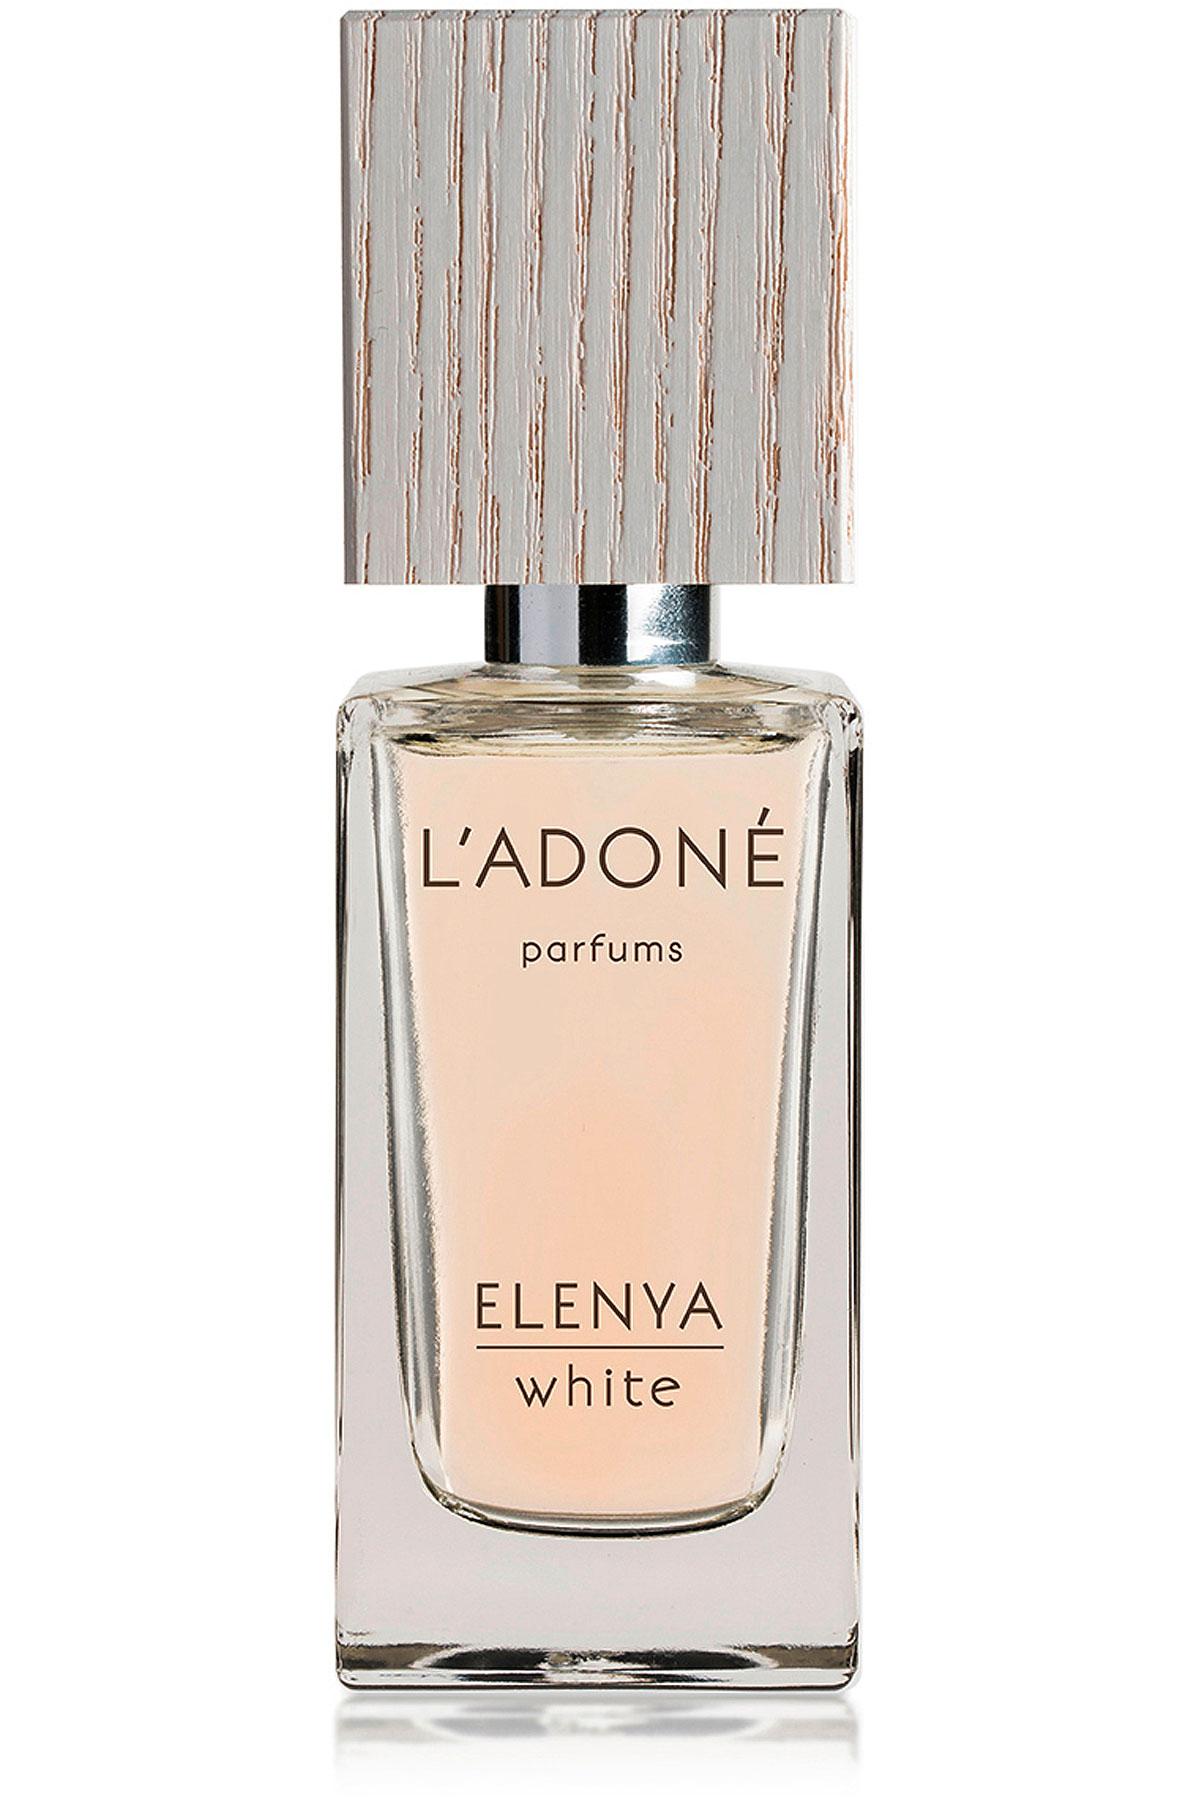 L Adone Fragrances for Men, Elenya White - Extrait De Parfum - 50 Ml, 2019, 50 ml